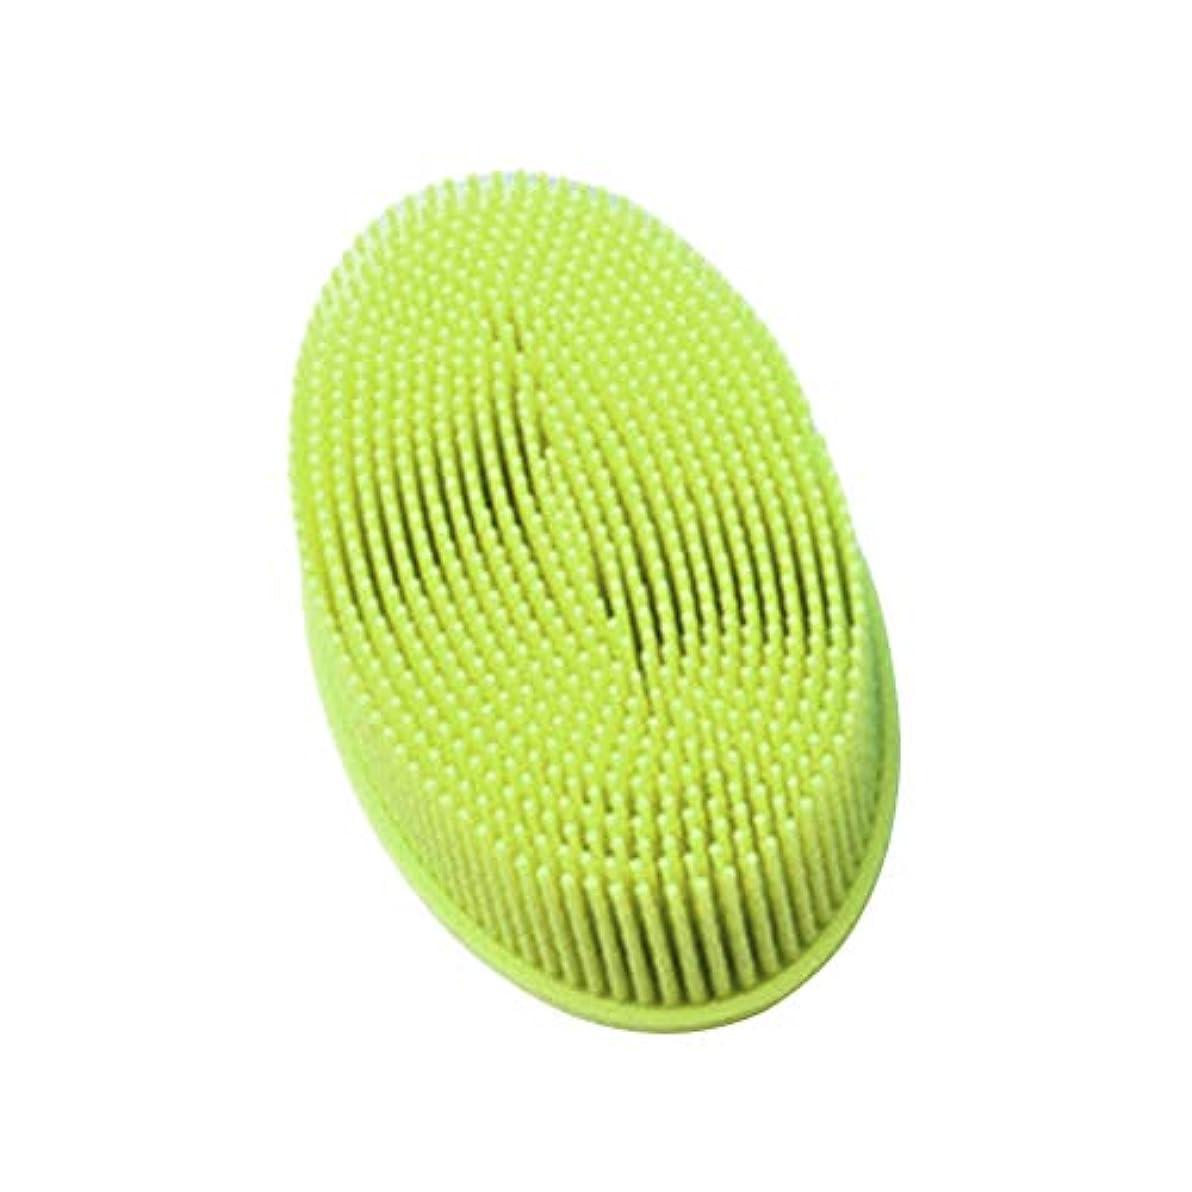 メキシコ毎週サイズTOPBATHY シリコンシャワーブラシ 頭皮 洗顔 ボディブラシ お風呂 柔らかい 体洗いブラシ 肌にやさしい 多機能 角質除去 疲れ解消(グリーン)